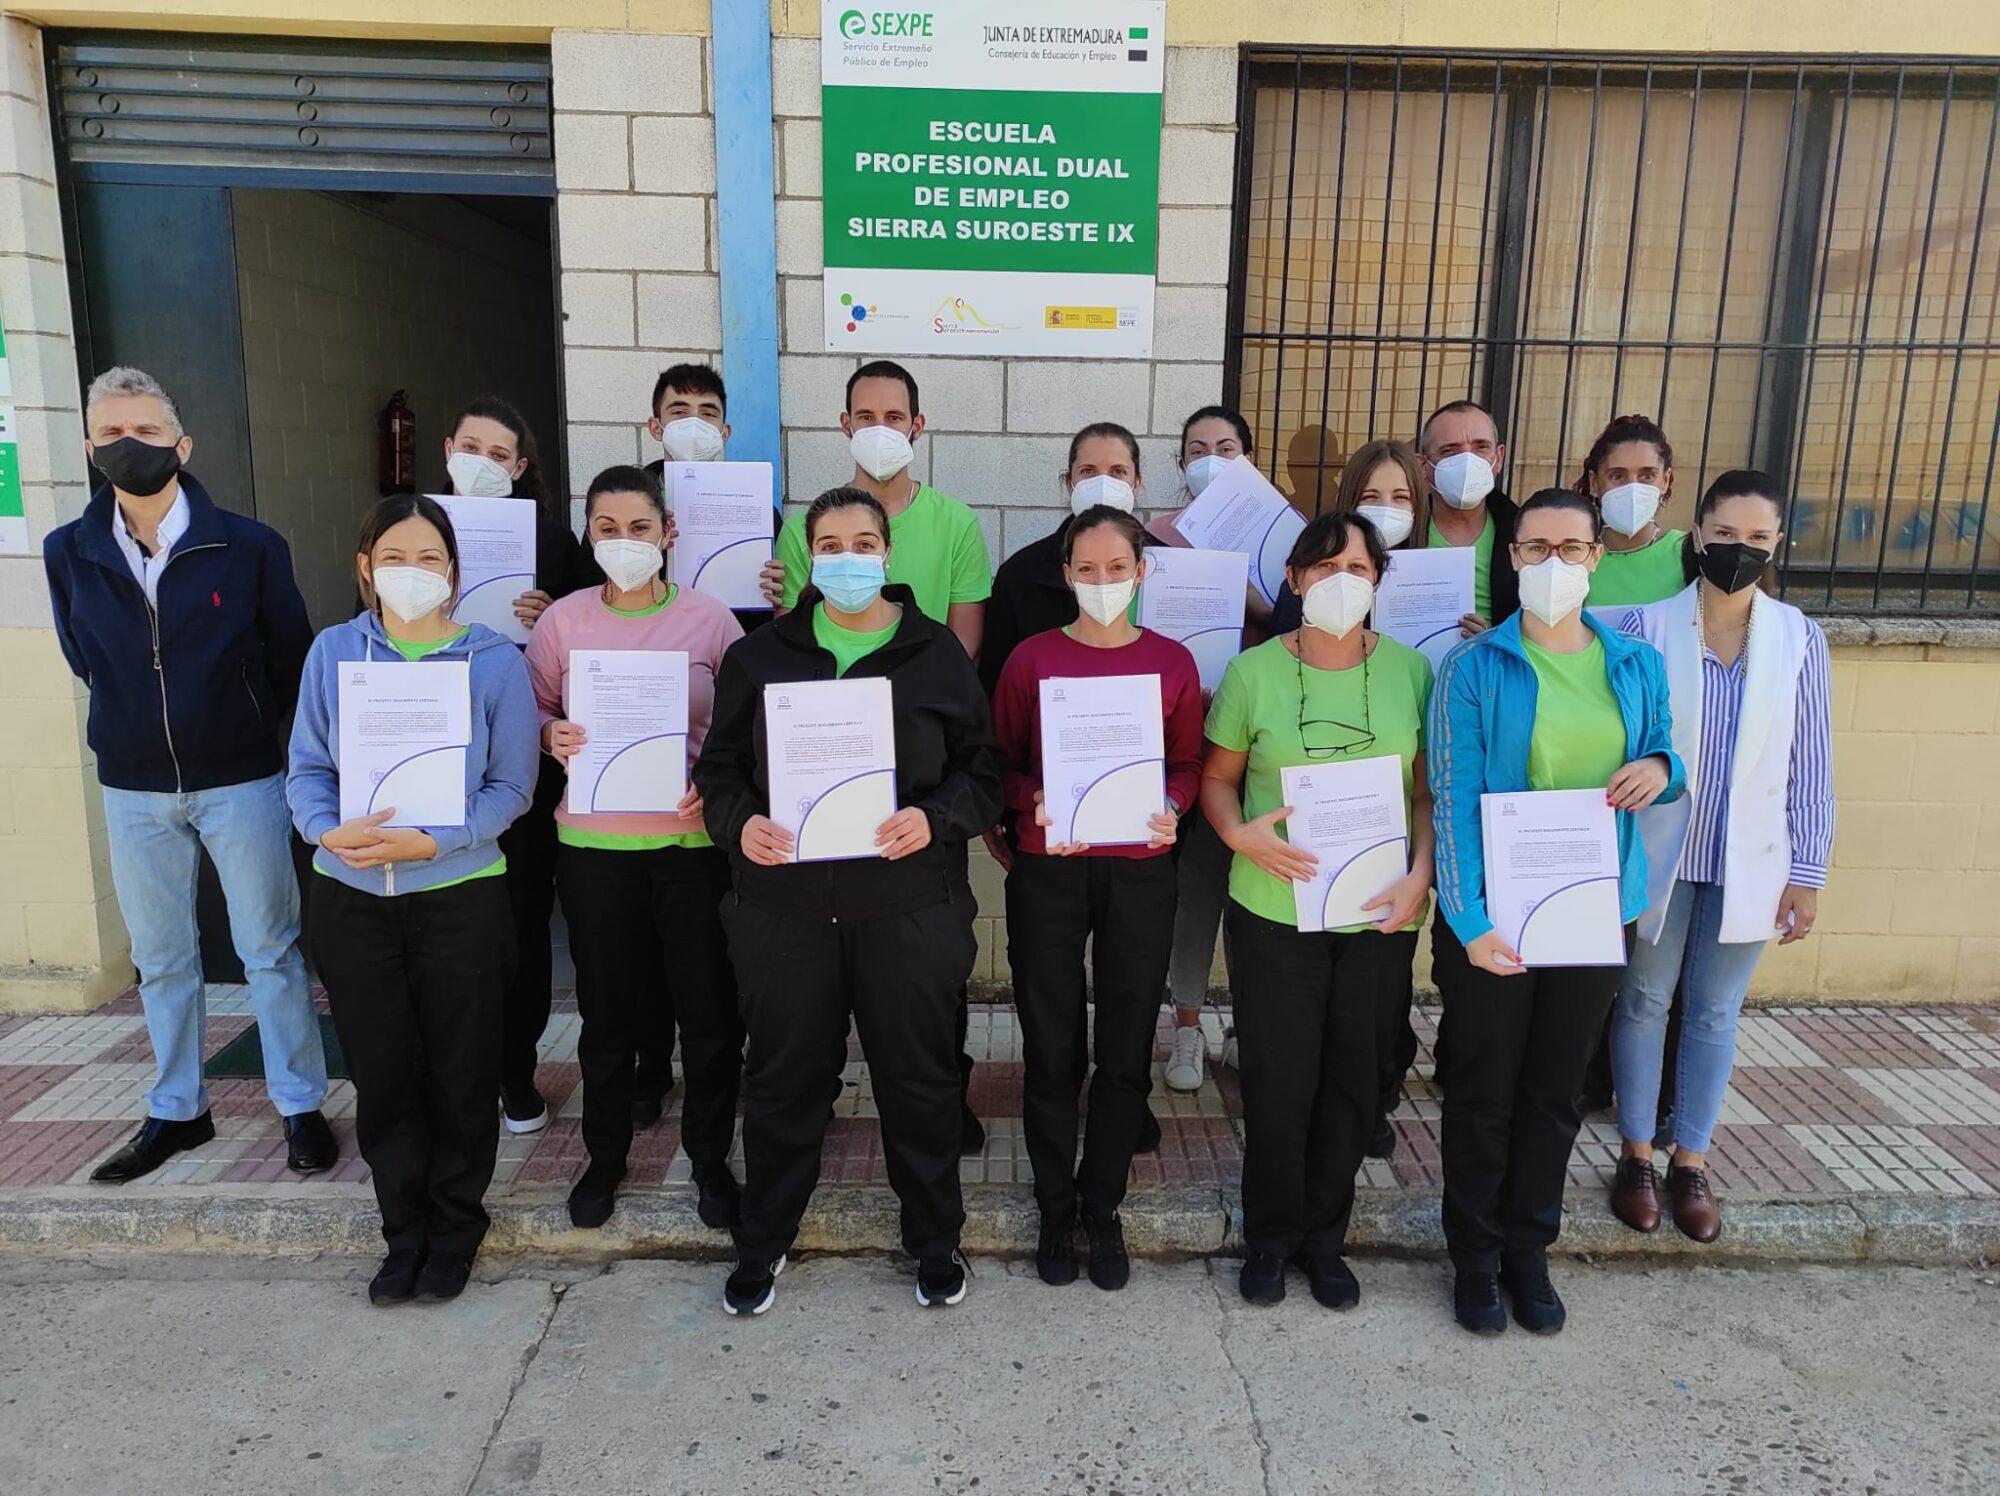 La Fempex ha entregado al alumnado de la EPD Sierra Suroeste IX el certificado de prevención de riesgos laborales